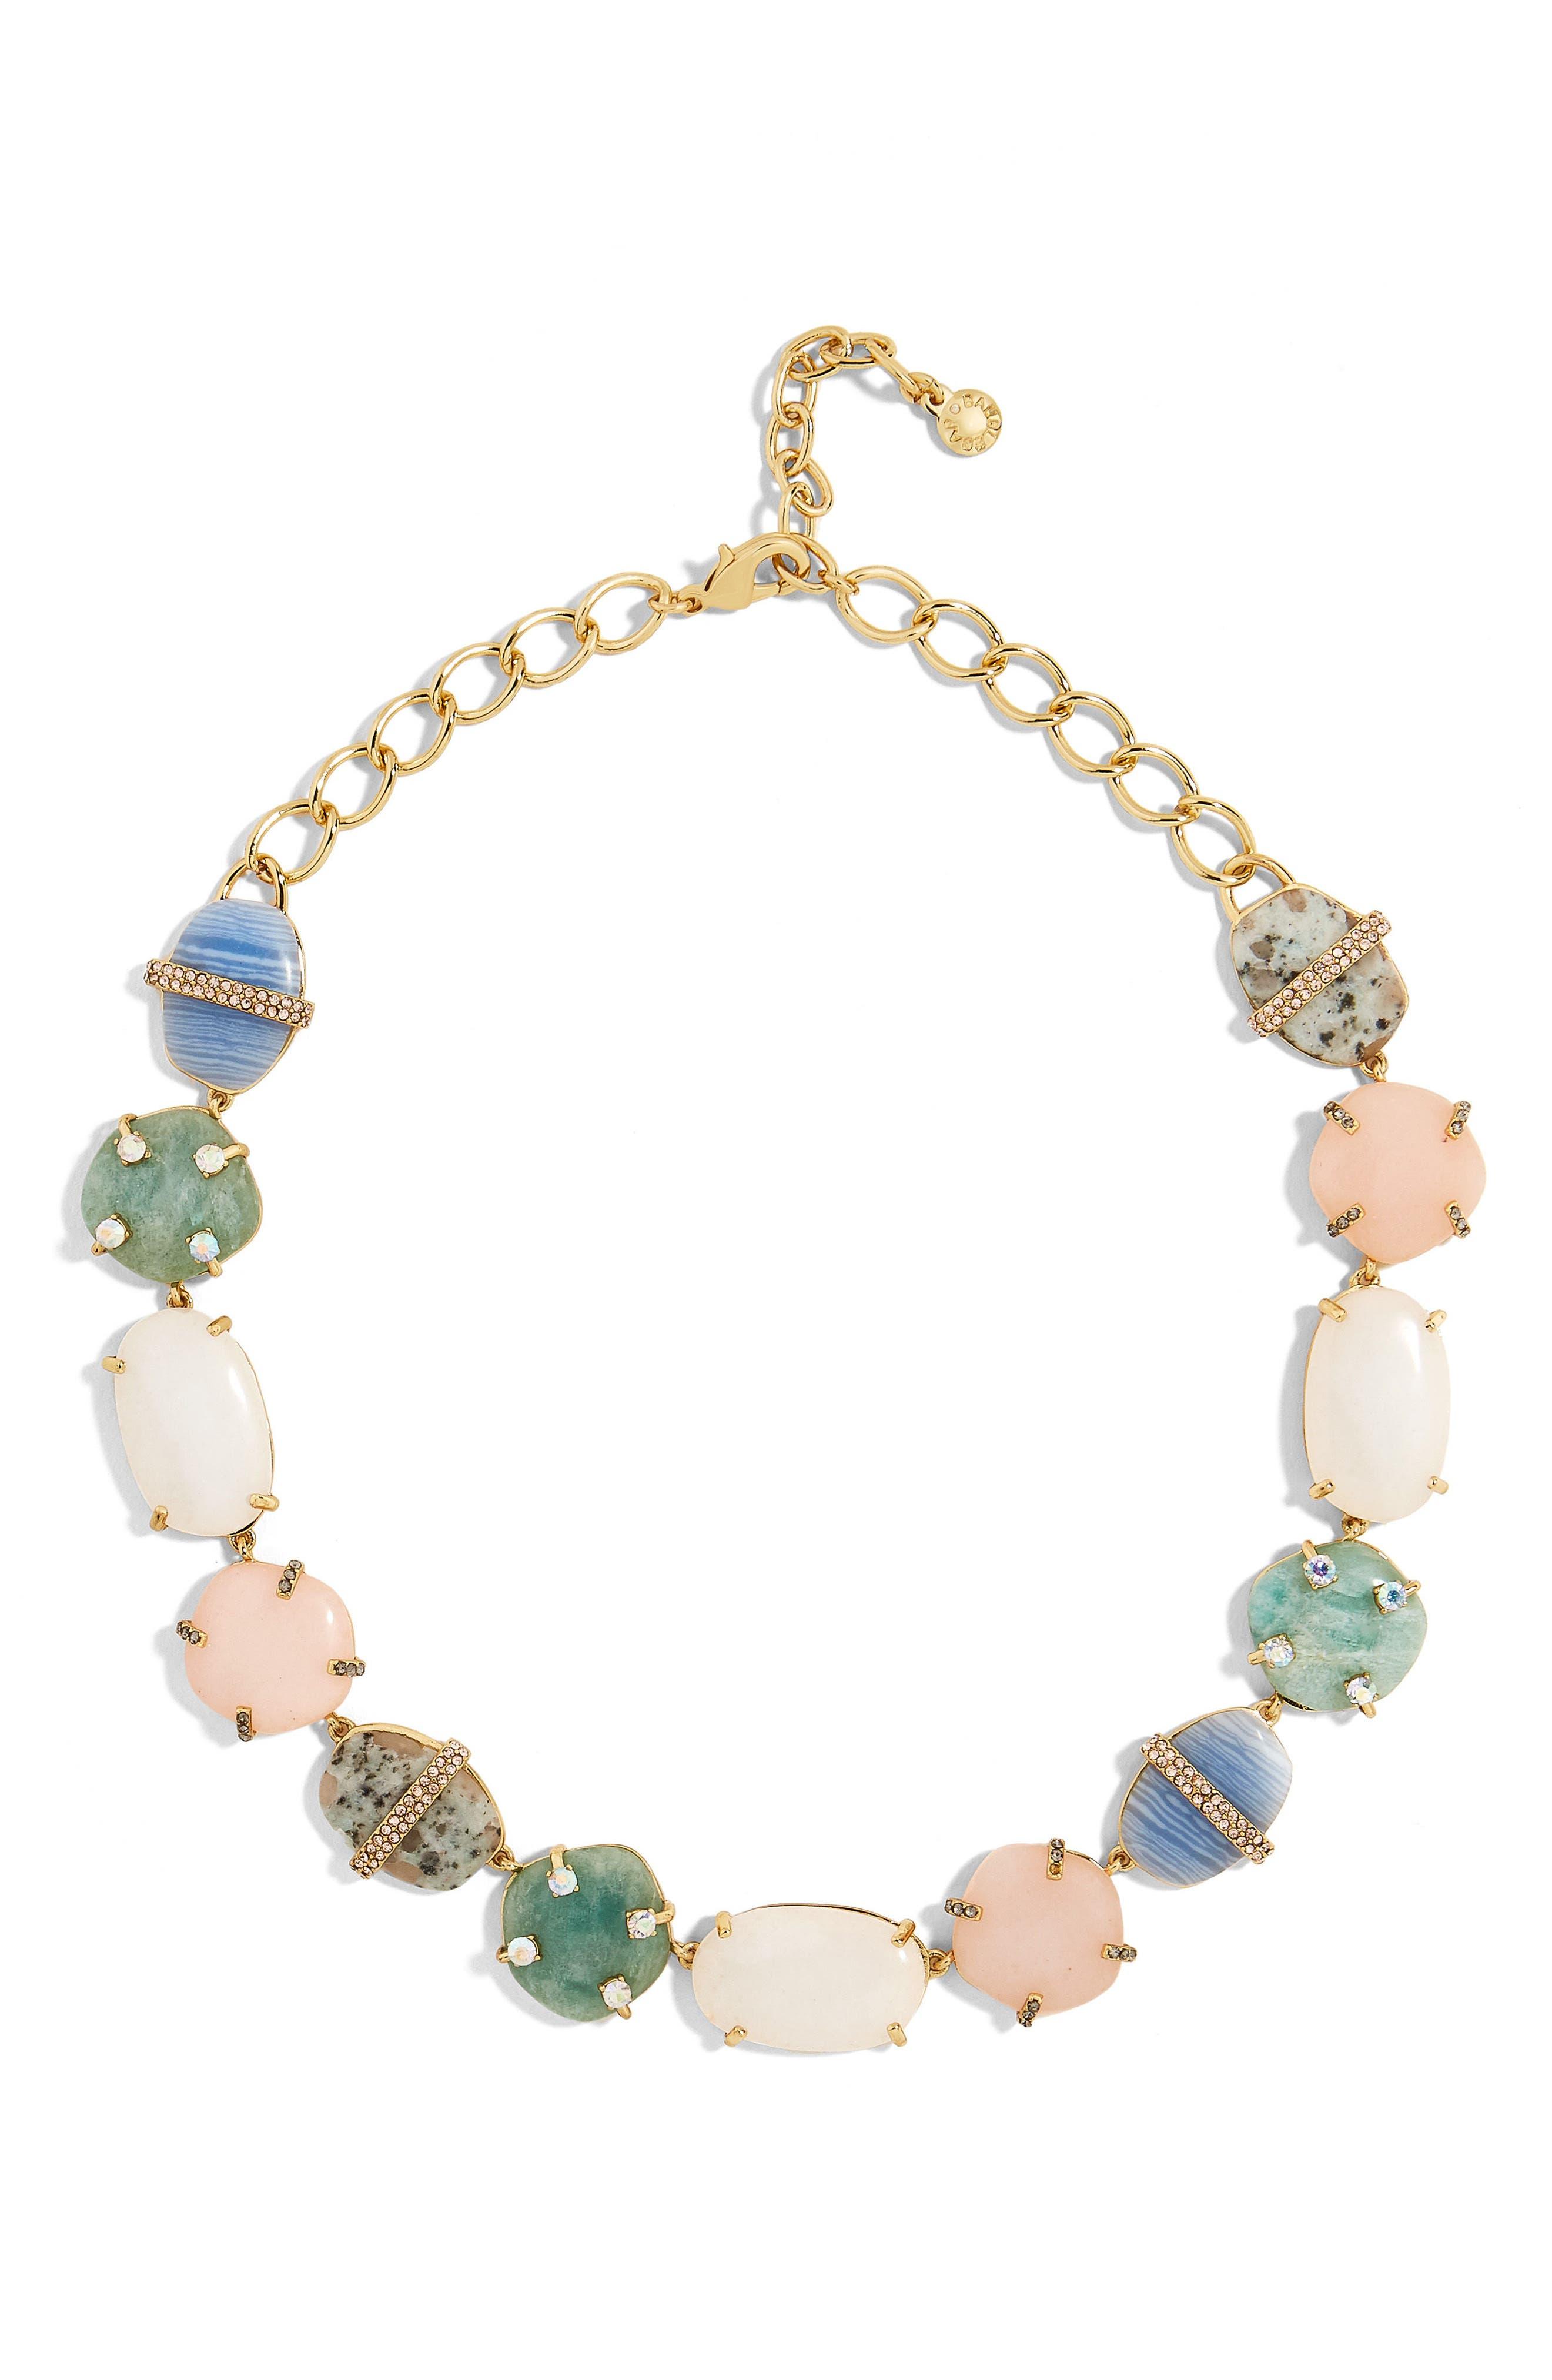 Main Image - BaubleBar Avianna Collar Necklace